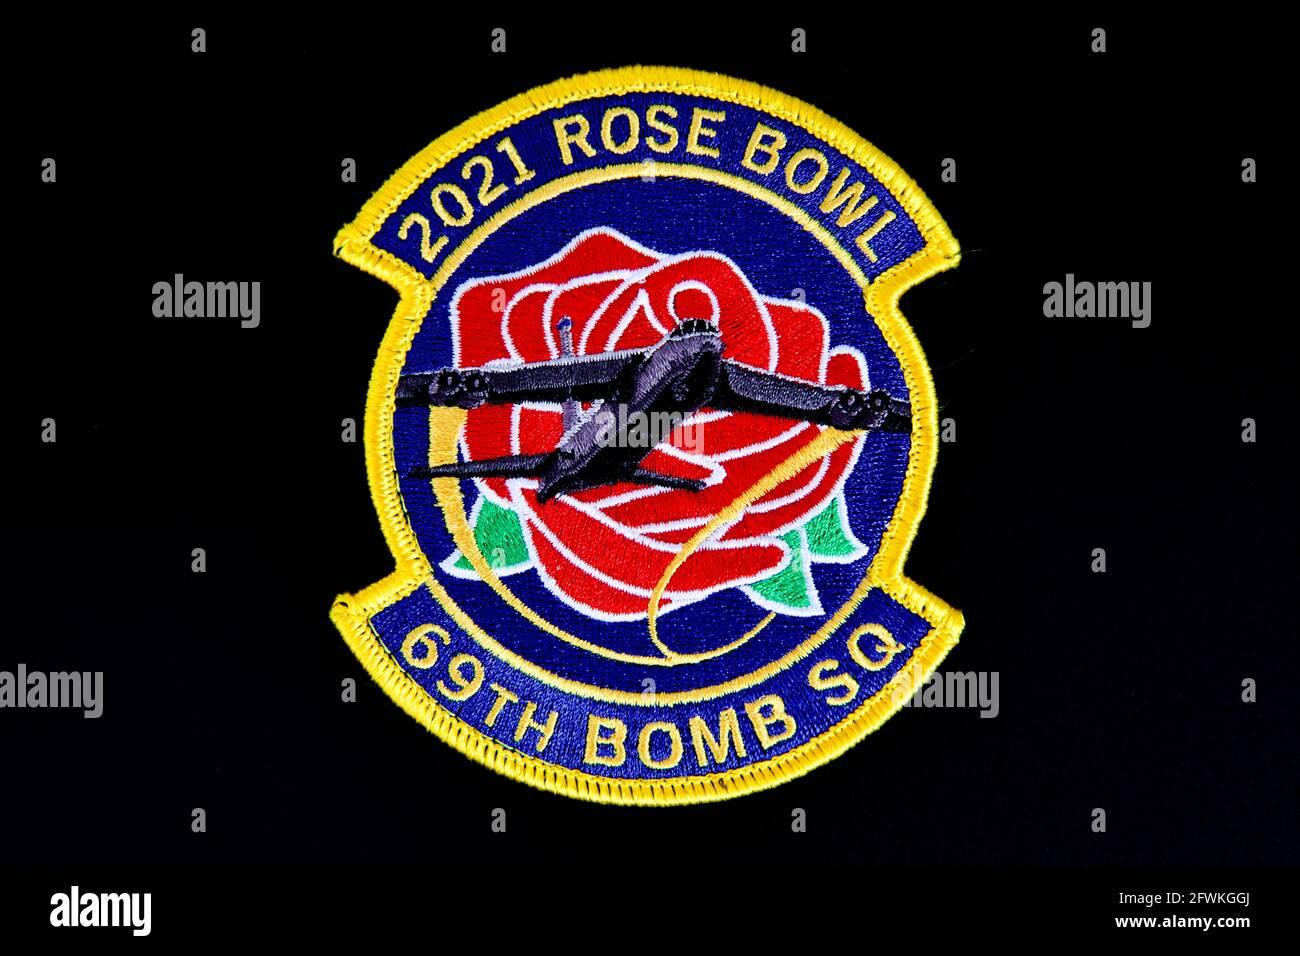 Le drapeau de survol du Rose Bowl du 69e Escadron de la bombe, la Sortie a été annulée! Banque D'Images